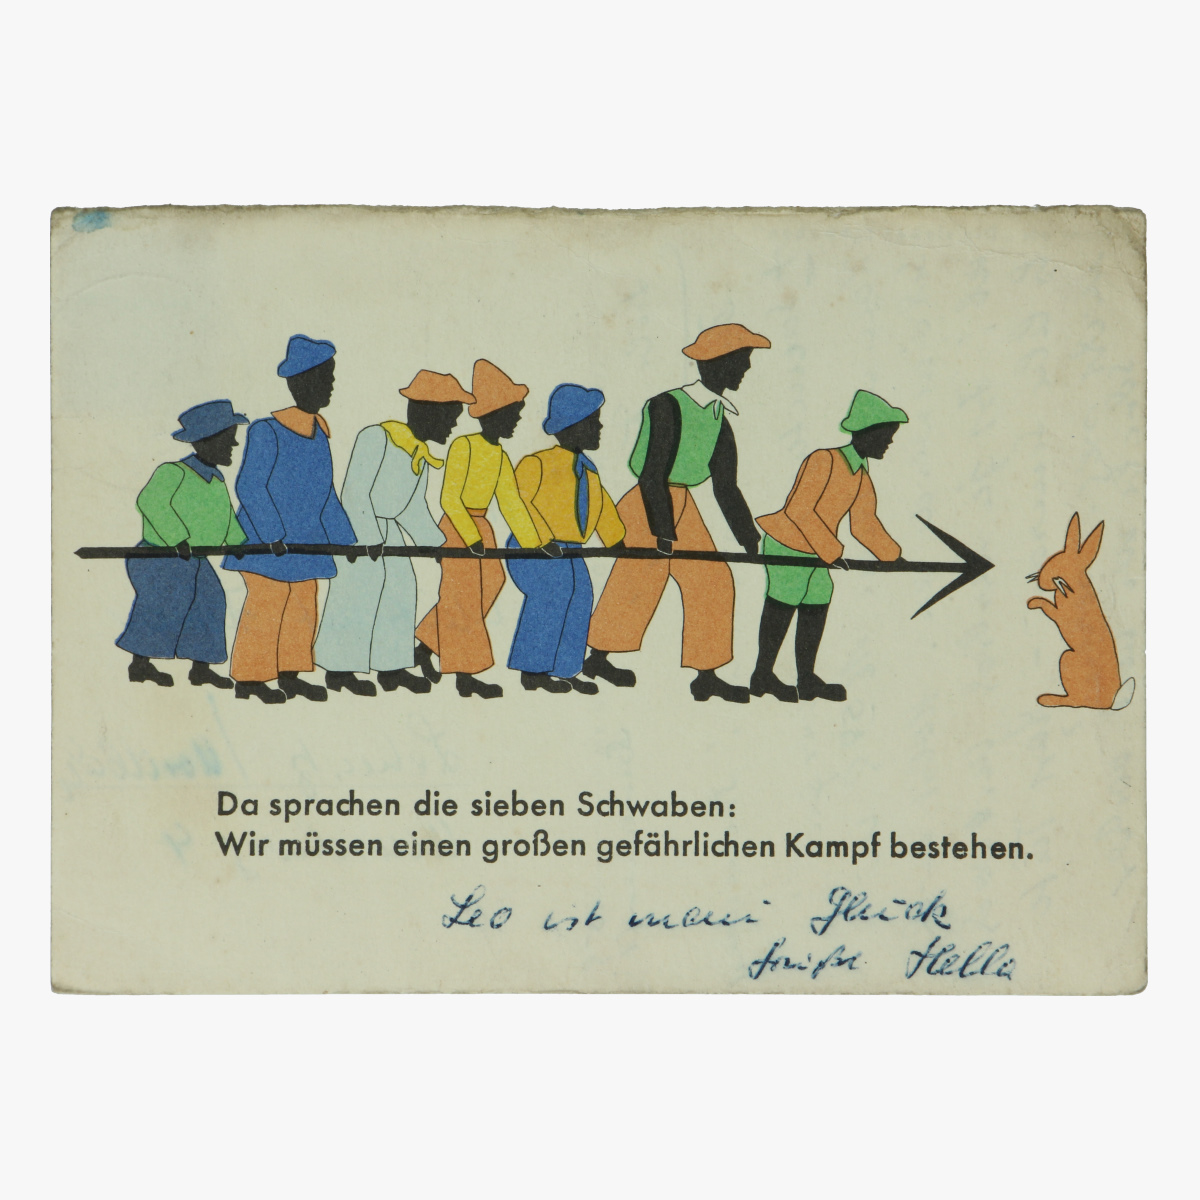 Afbeeldingen van Da sprachen die sieben Schwaben. Postkaart. Wir mûssen einen grofen gefährlichen Kampf bestehen